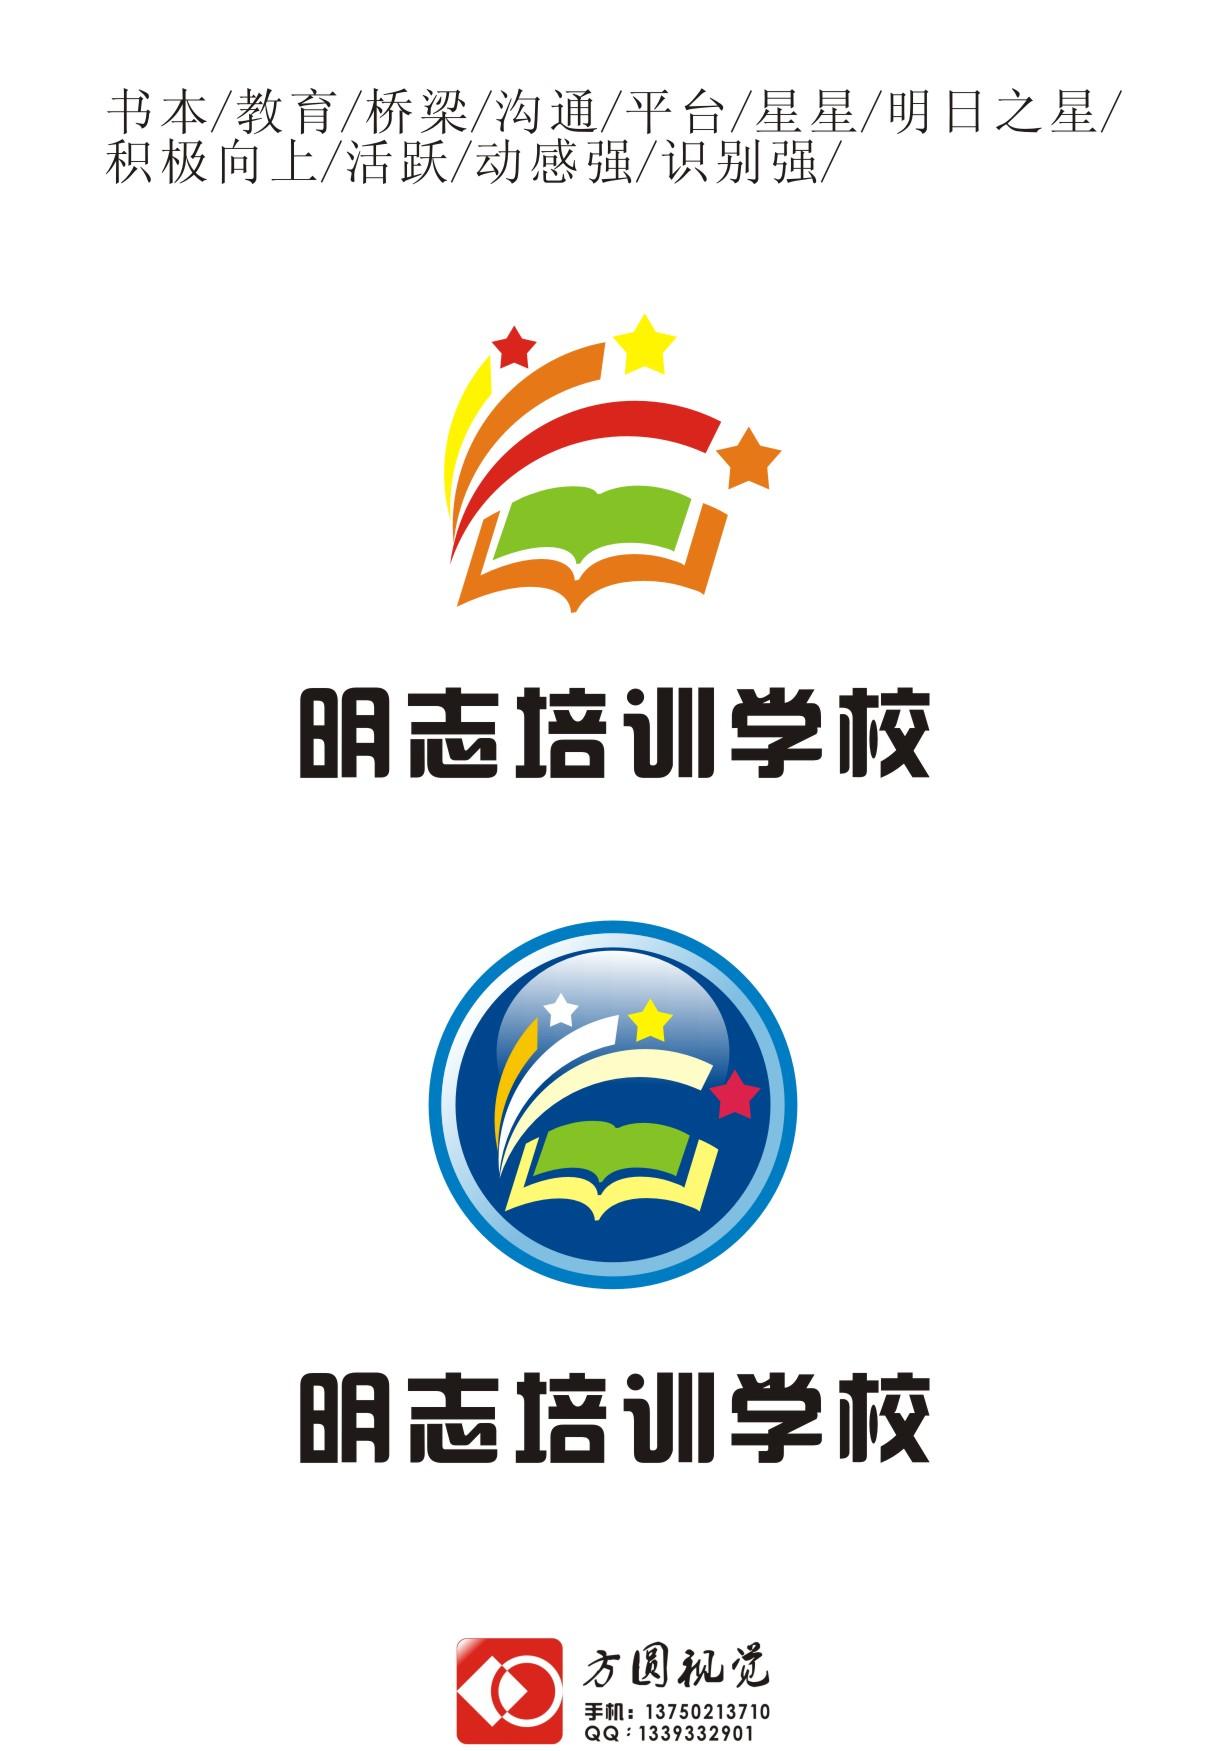 教育培训学校logo设计